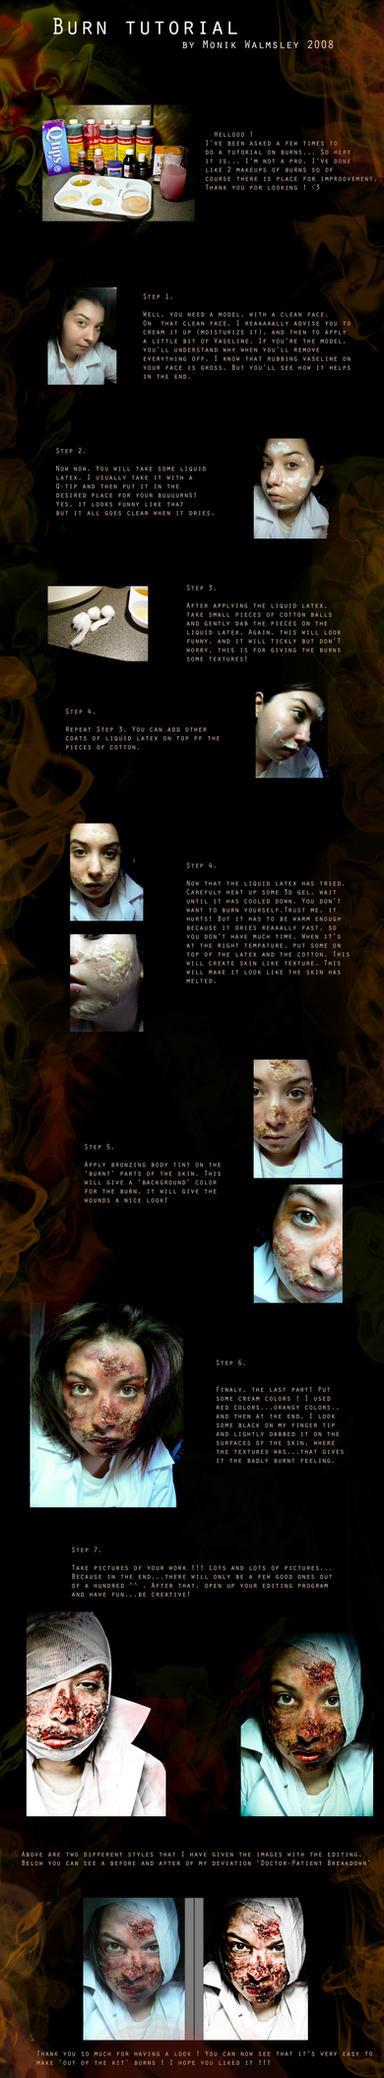 Burn Tutorial by Guirnou